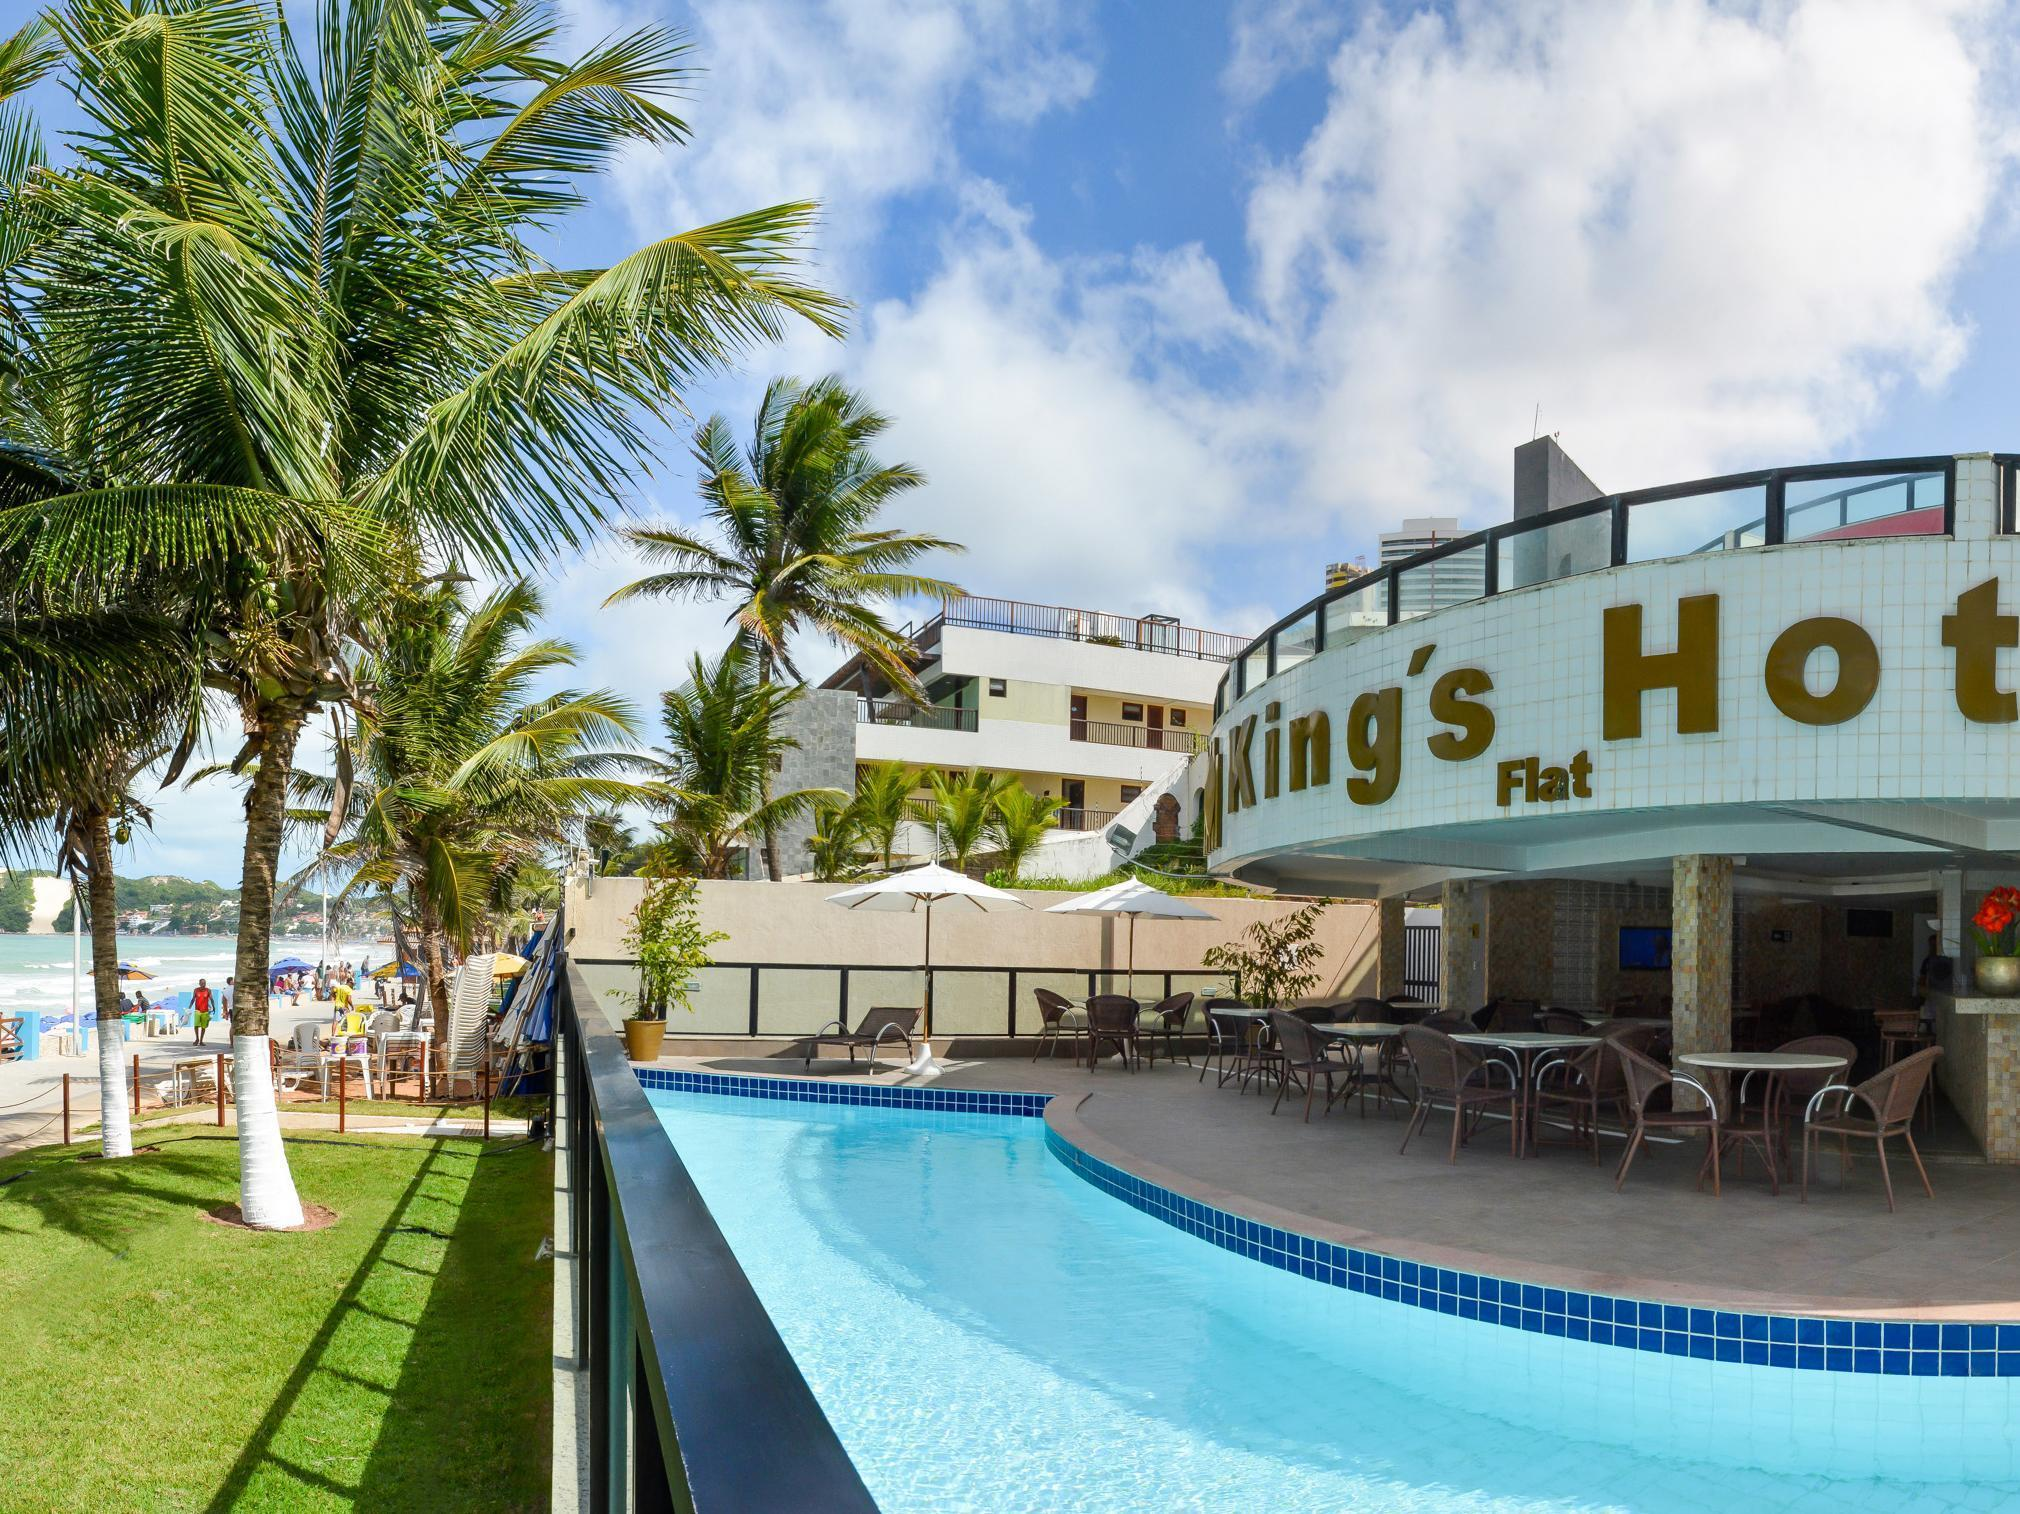 Kings Flat Hotel Ponta Negra Waterfront